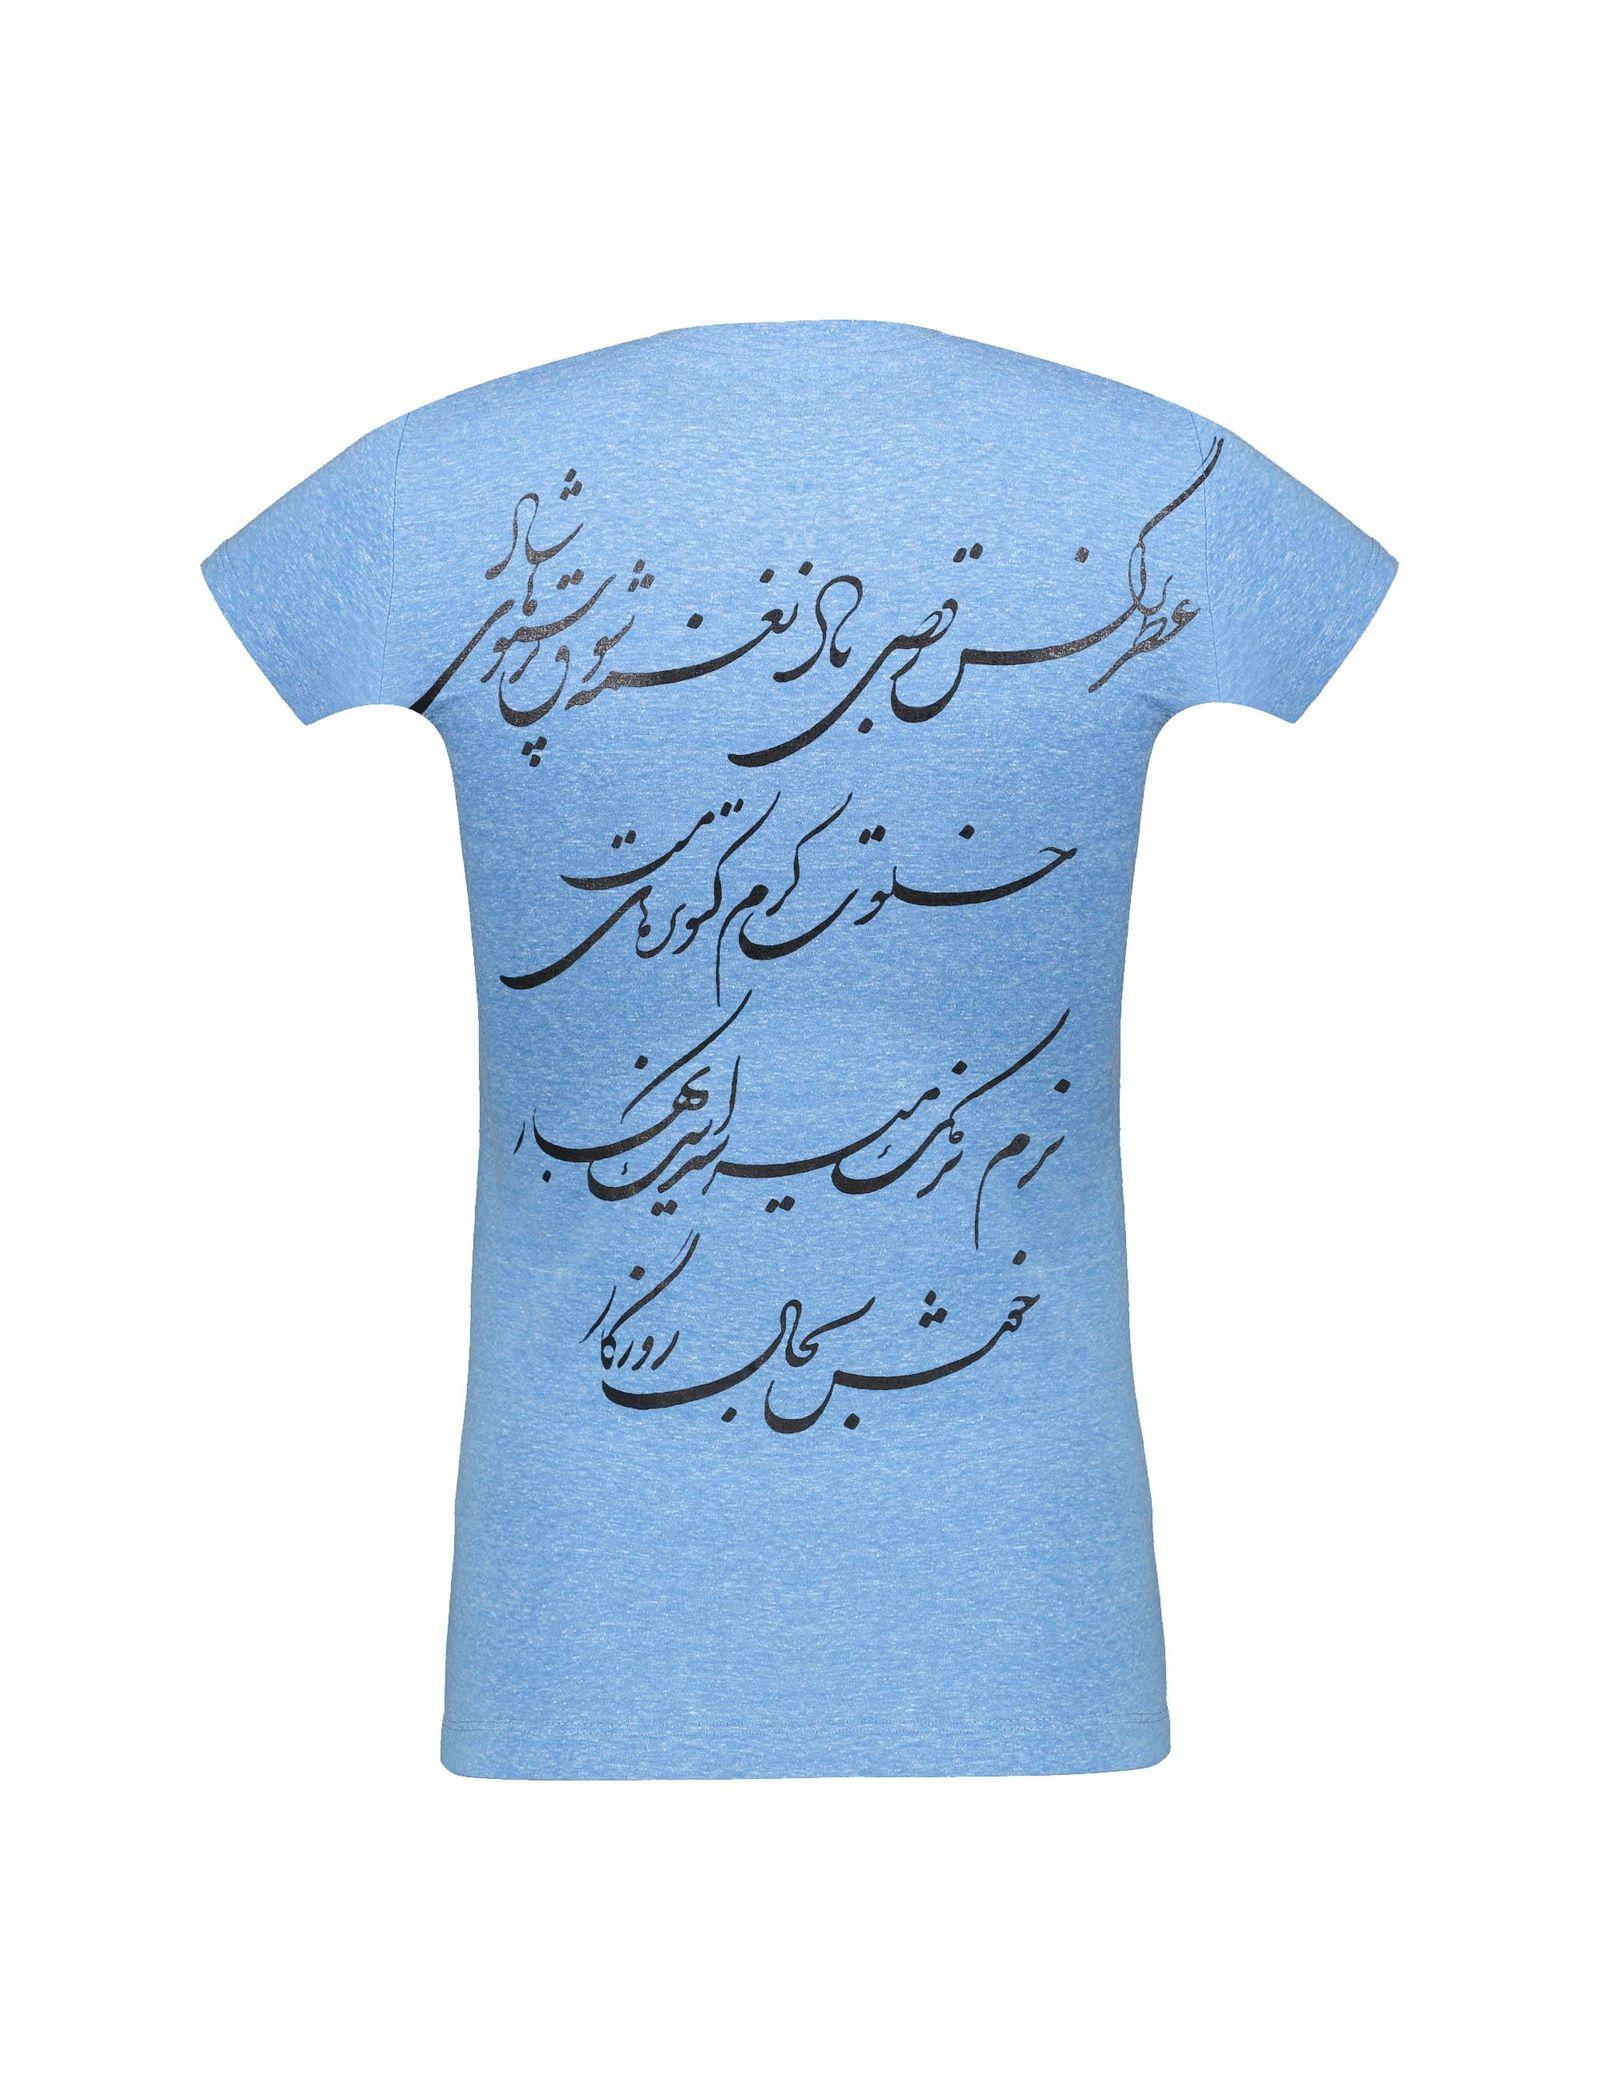 تی شرت یقه گرد زنانه - متی - آبي روشن - 2